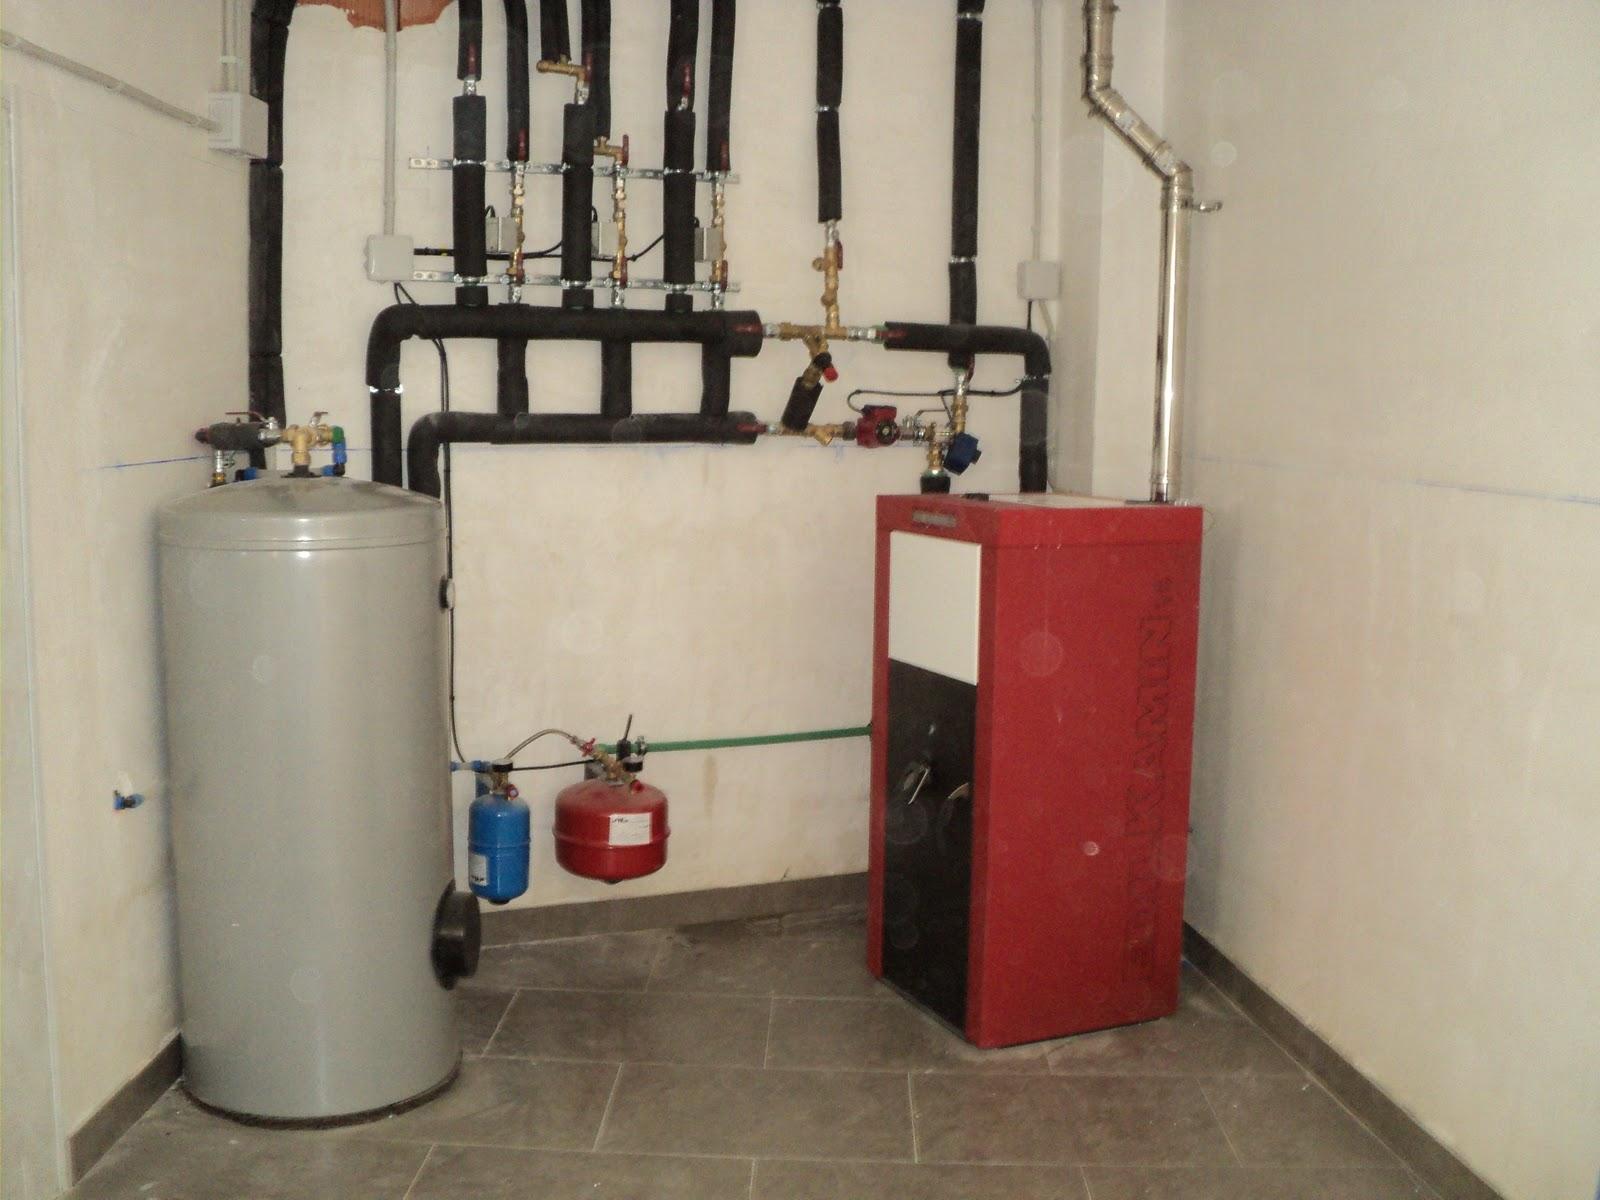 Entramados soluciones bioclim ticas instalaci n de caldera de pellet y hogar de le a en chodes - Caldera pellets agua y calefaccion ...